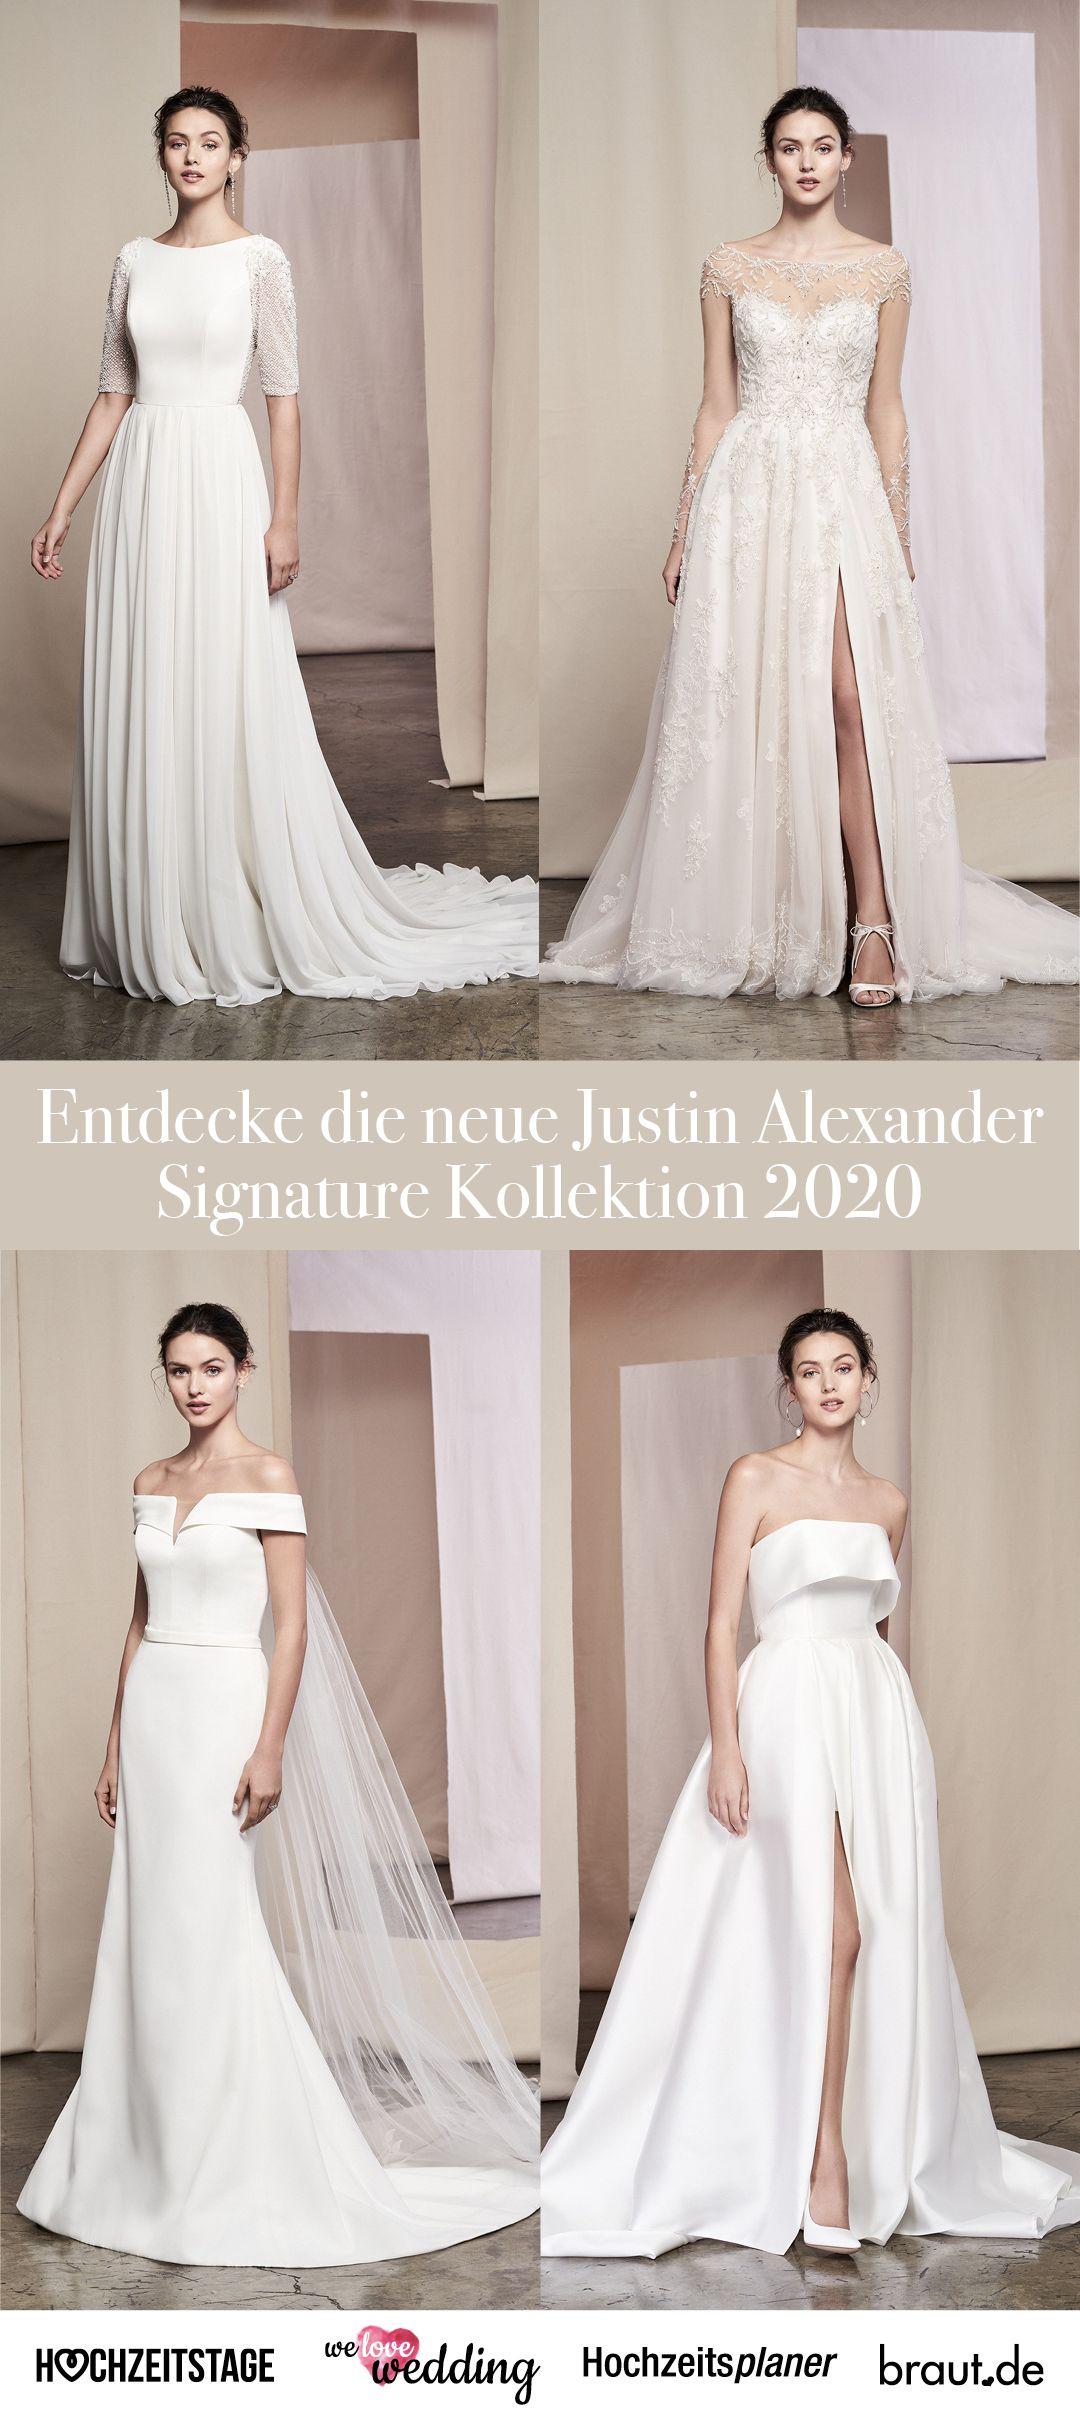 Hochzeitskleider - Bilder-Galerie und Brautkleider-Trends  Braut